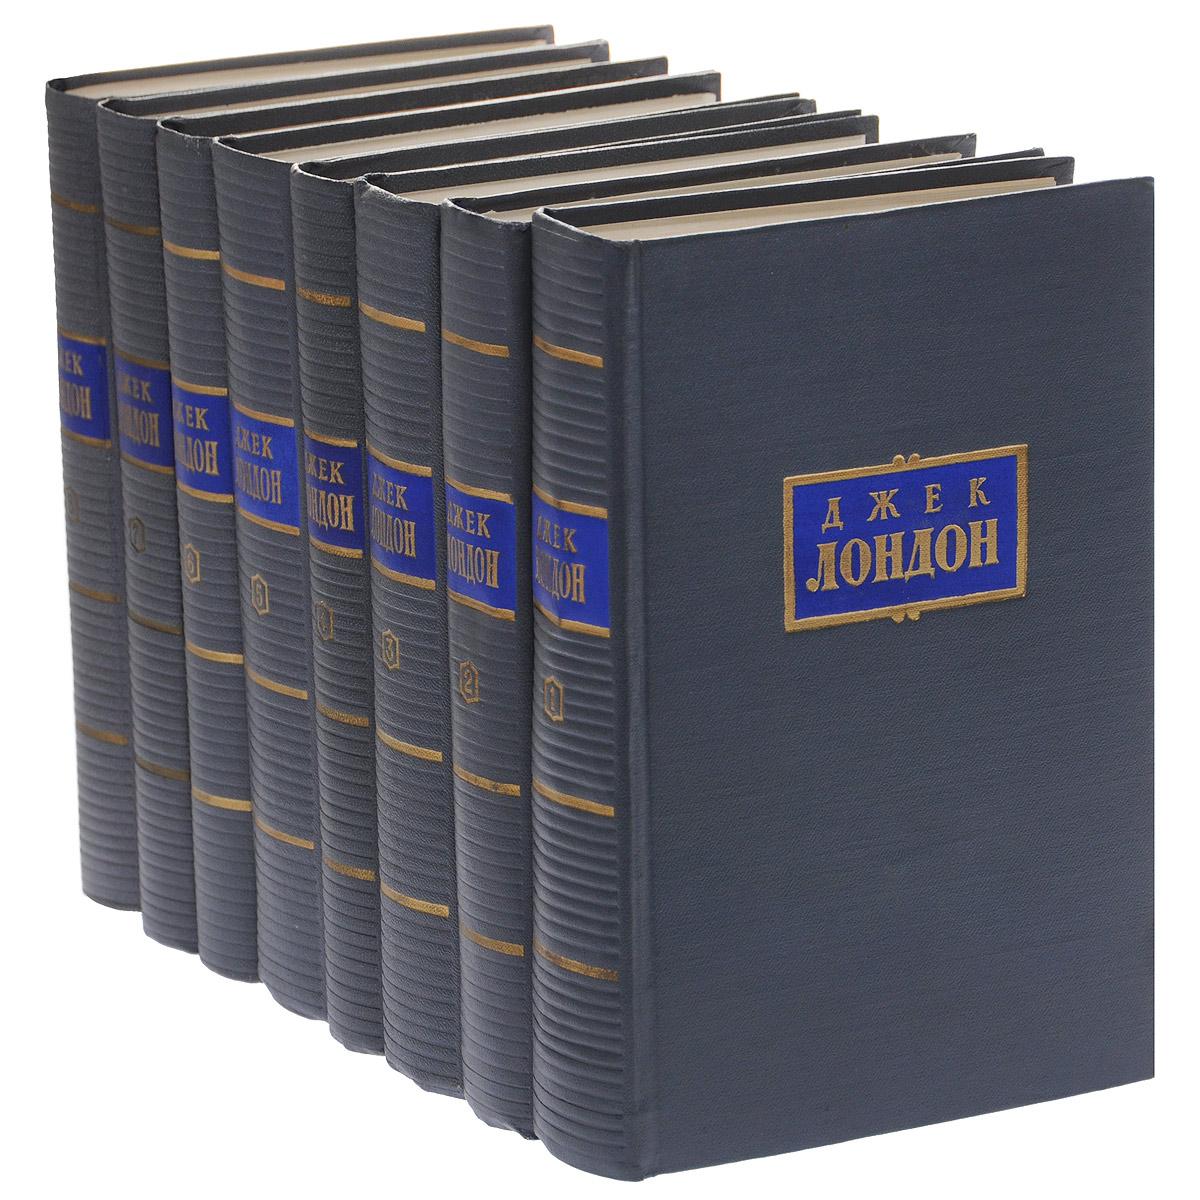 Джек Лондон Джек Лондон. Собрание сочинений в 8 томах (комплект из 8 книг) джек лондон lõunamere jutud